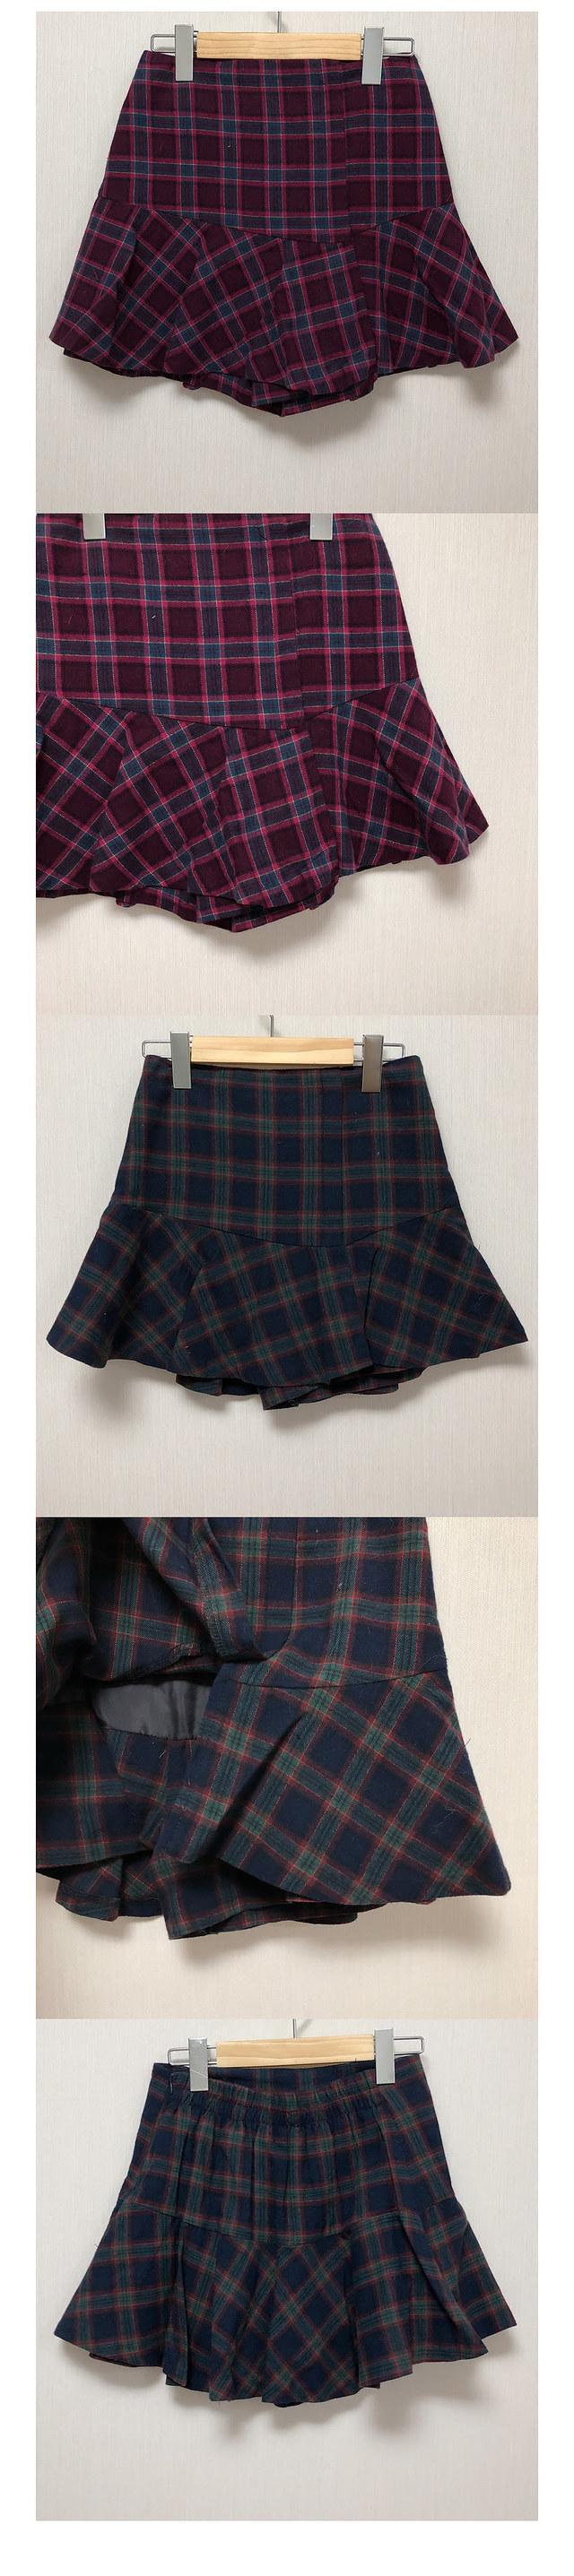 Jello Check Skirt Pants